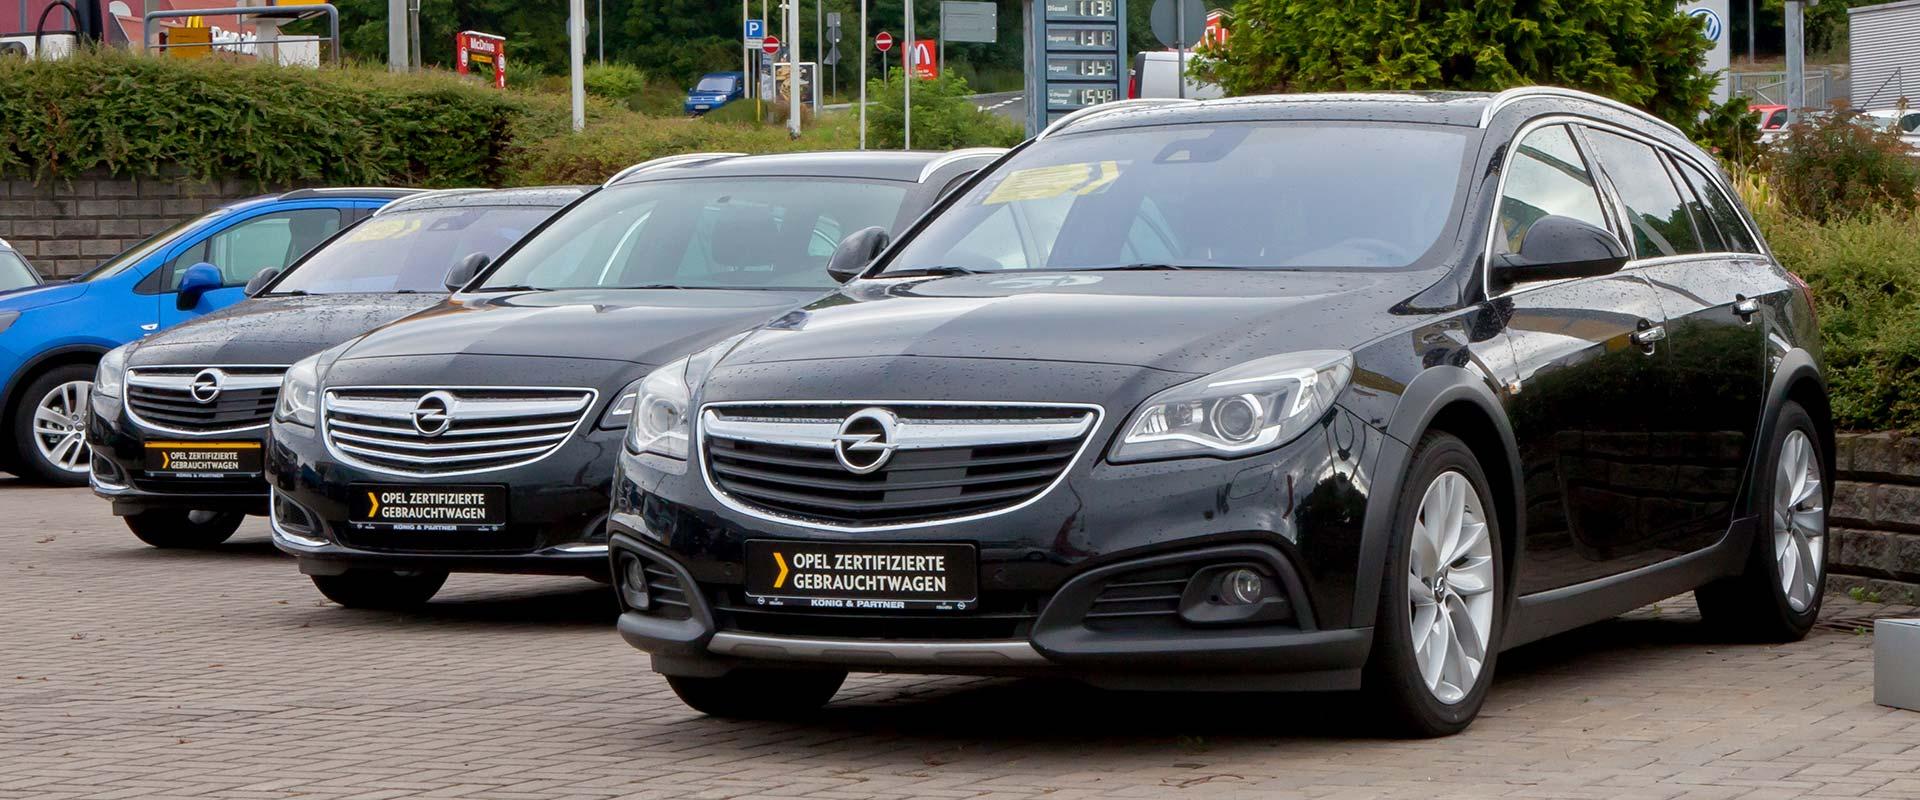 Opel zertifizierte Gebrauchtwagen